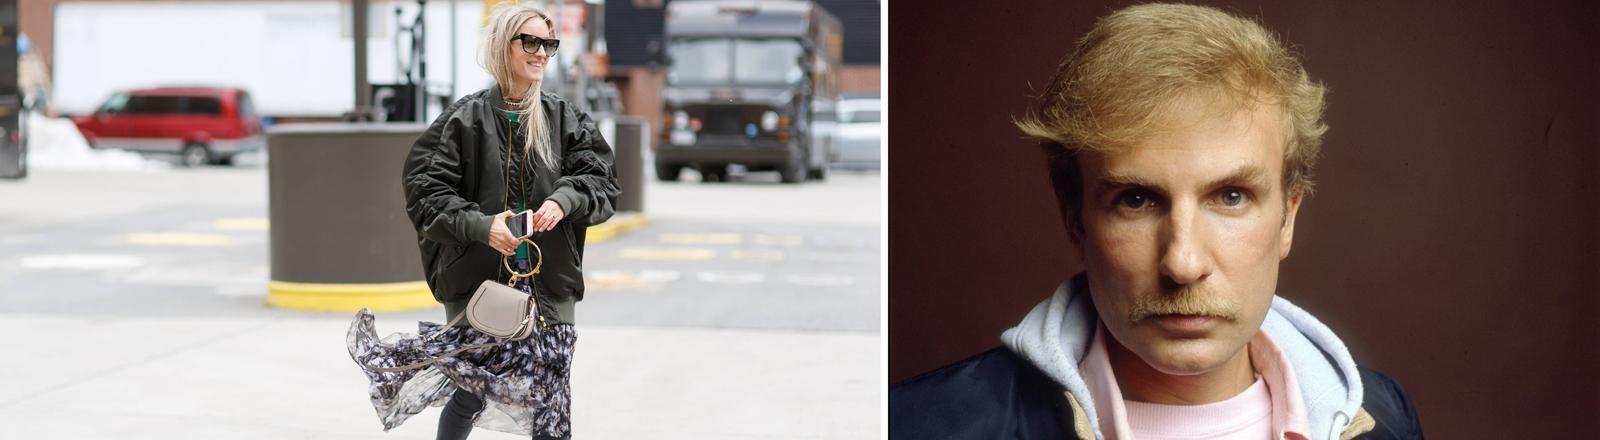 Können sich auf die Bomberjacke einigen: die Bloggerin Charlotte Groeneveld 2017 und der Modedesigner Claude Montana in den 80er Jahren